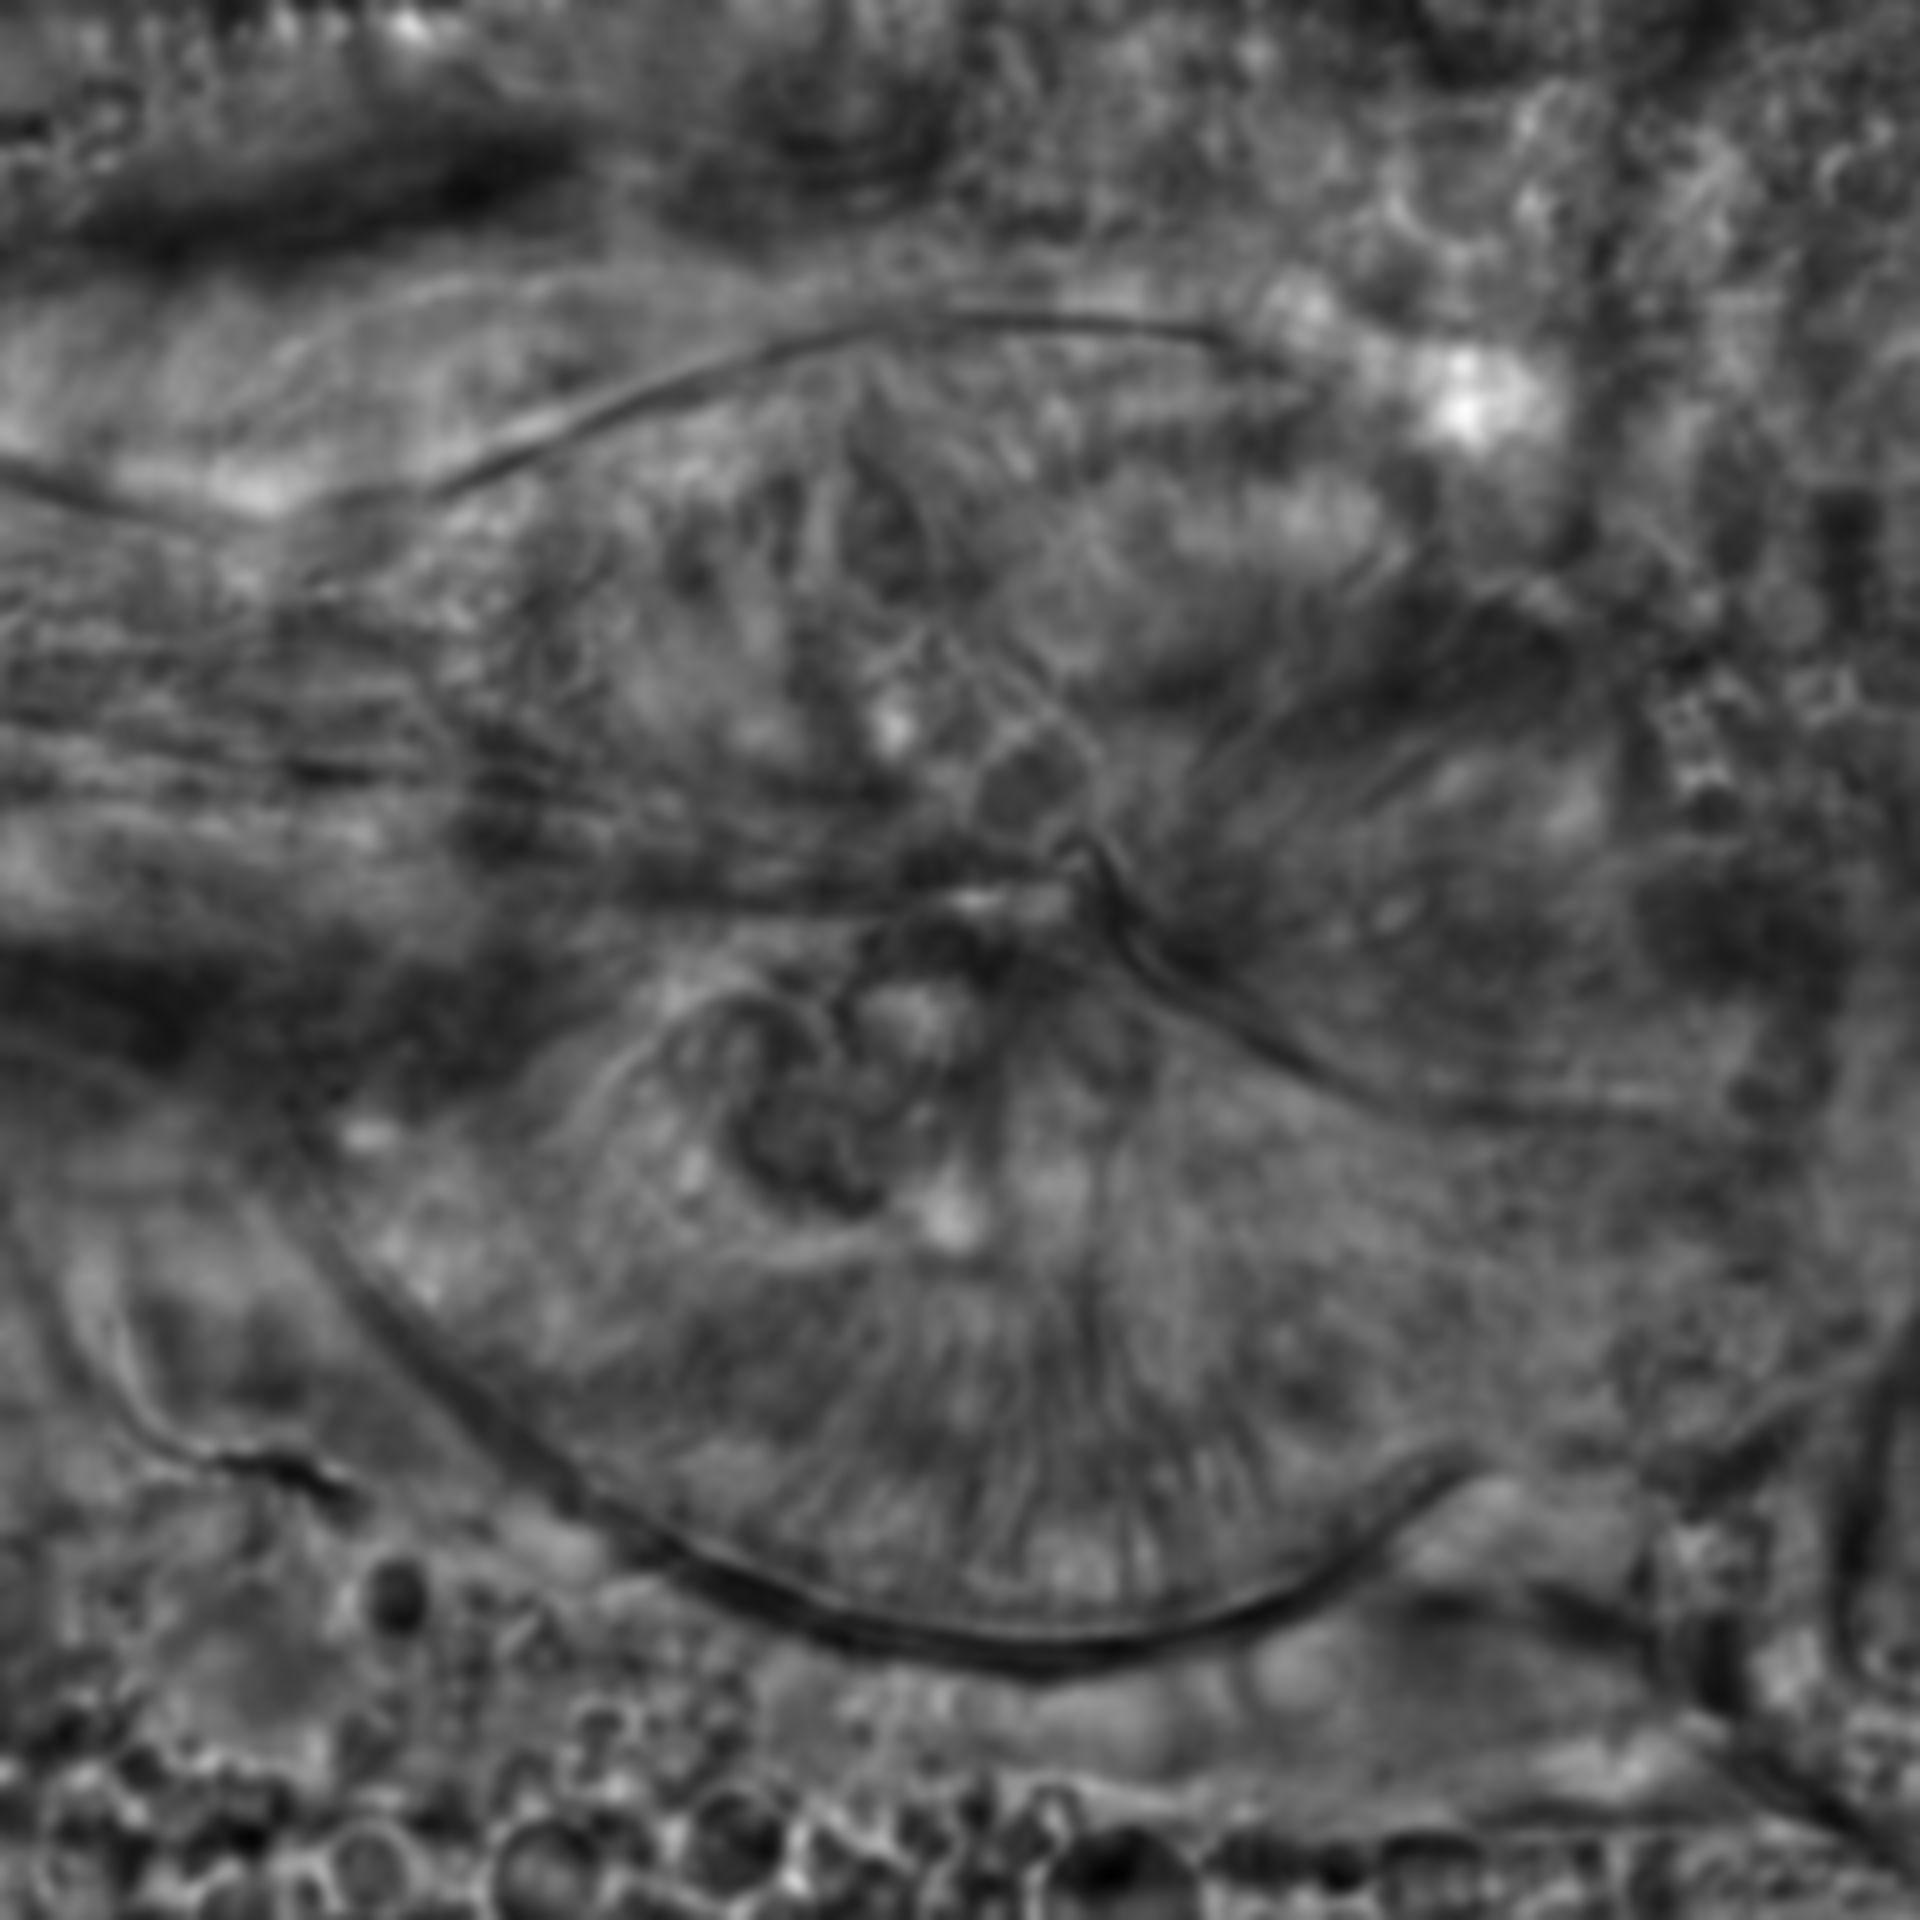 Caenorhabditis elegans - CIL:2205